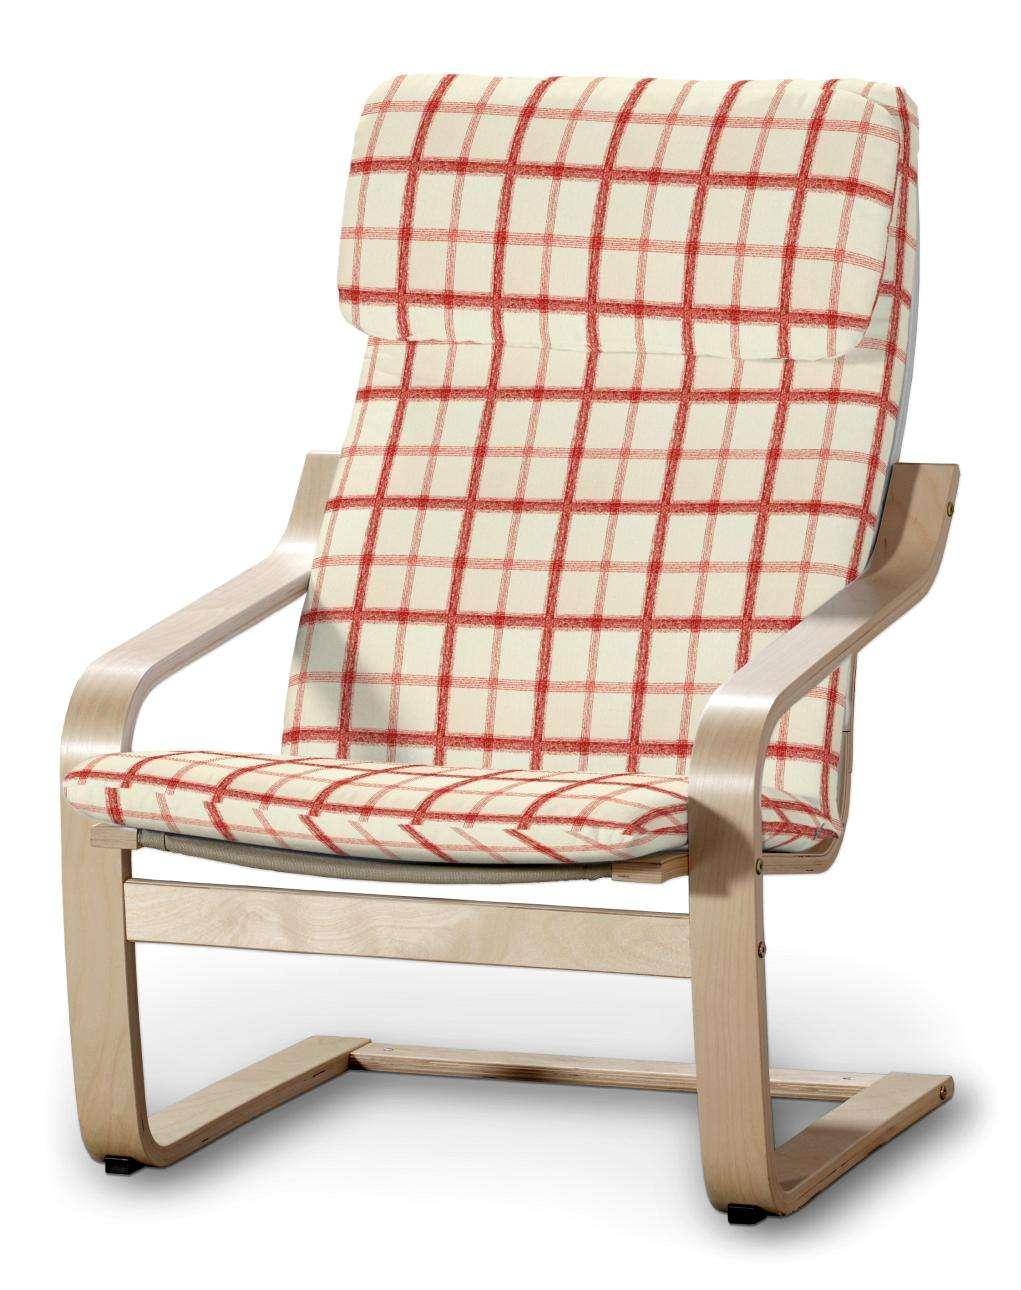 Poäng Sesselbezug I Sessel Poäng von der Kollektion Avinon, Stoff: 131-15